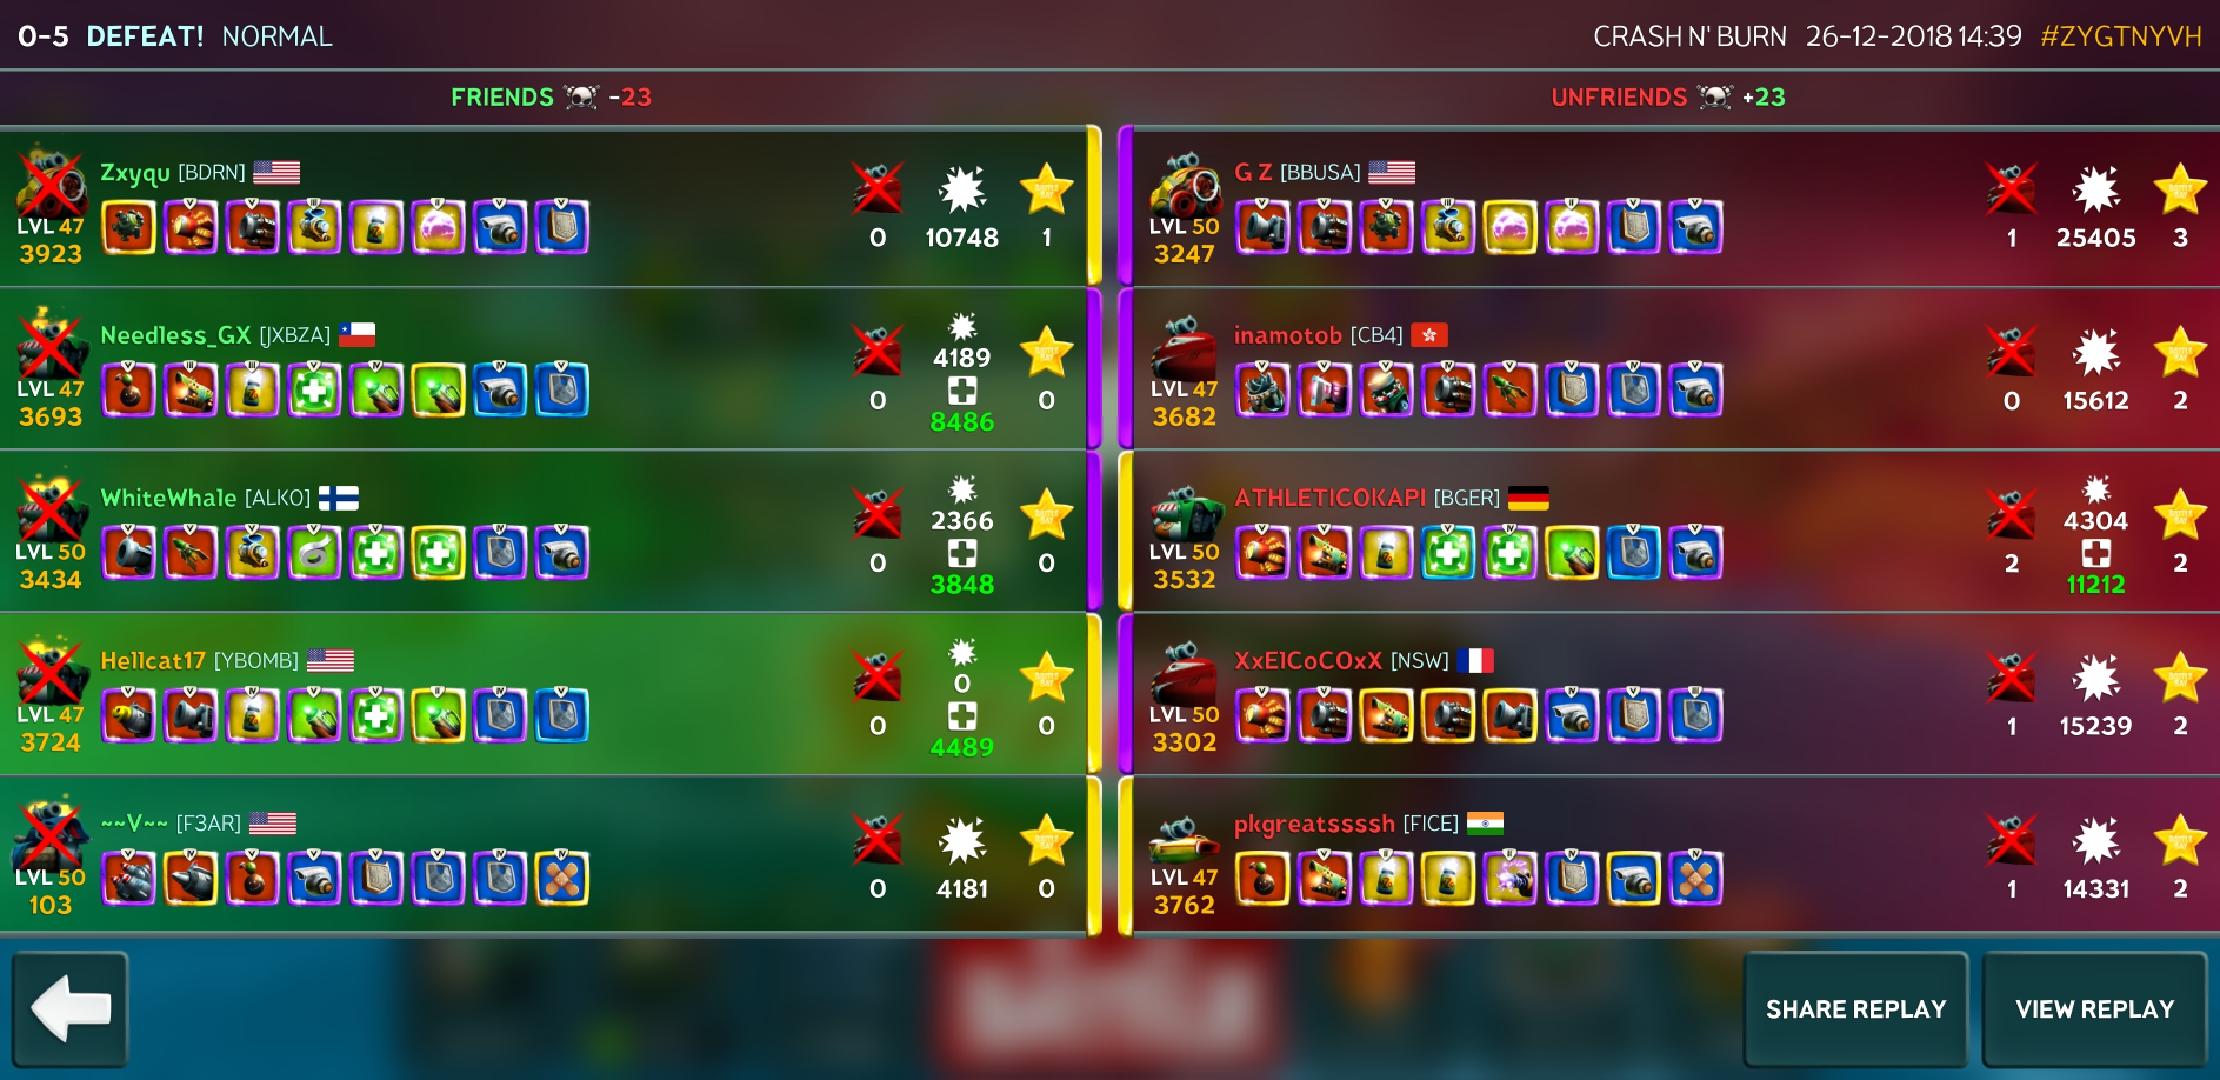 Screenshot_20181226-144226_Battle Bay.jpg